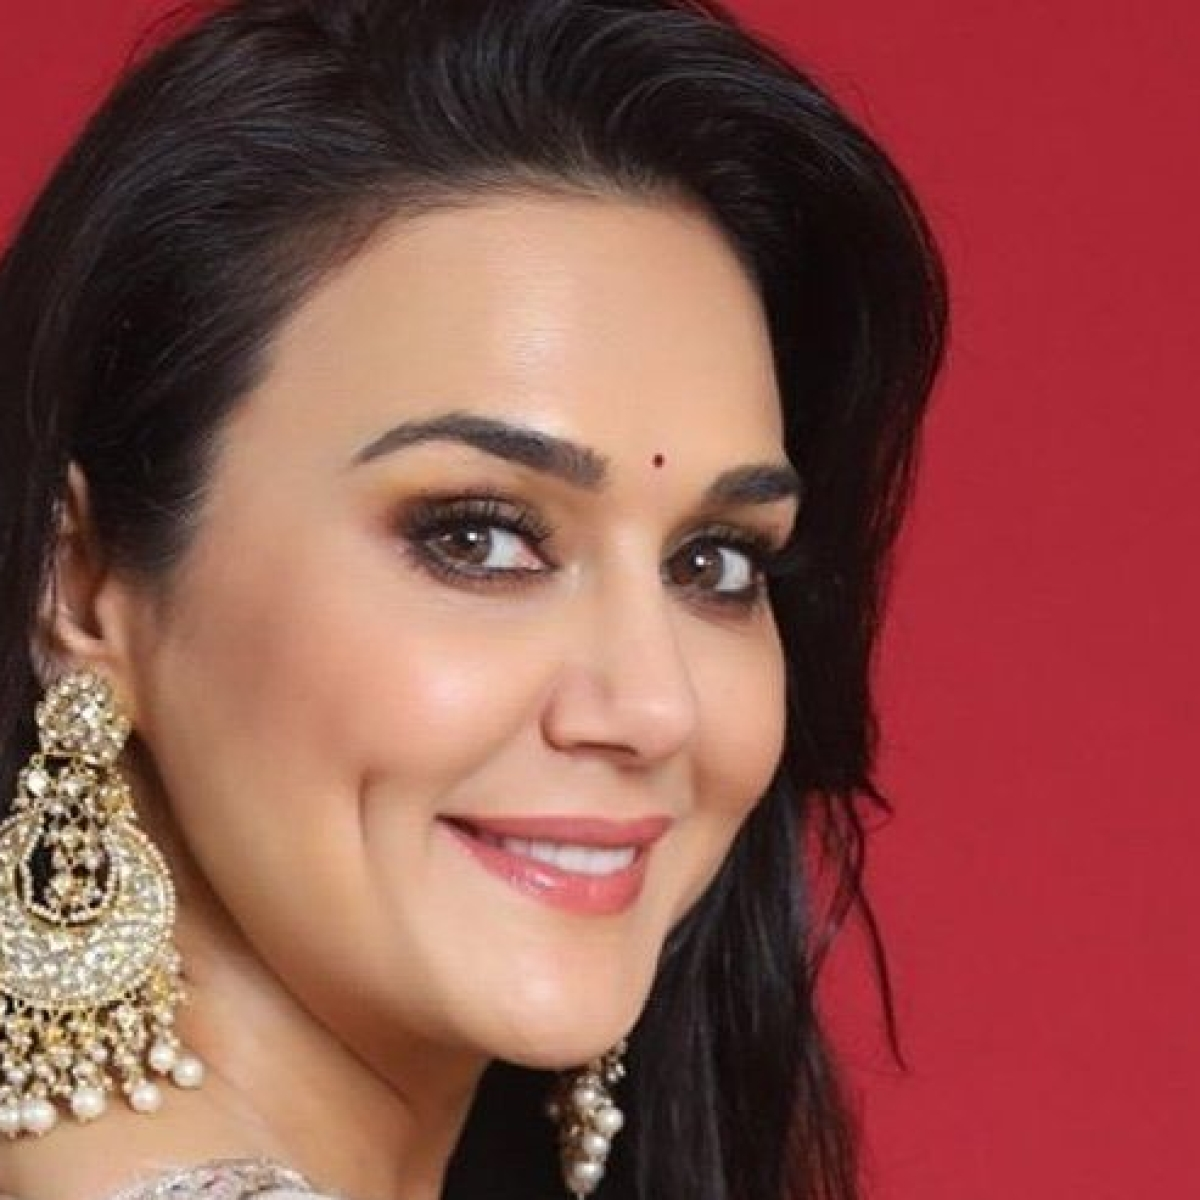 Mumbai: No relief for Preity Zinta in three Khar flats sale row